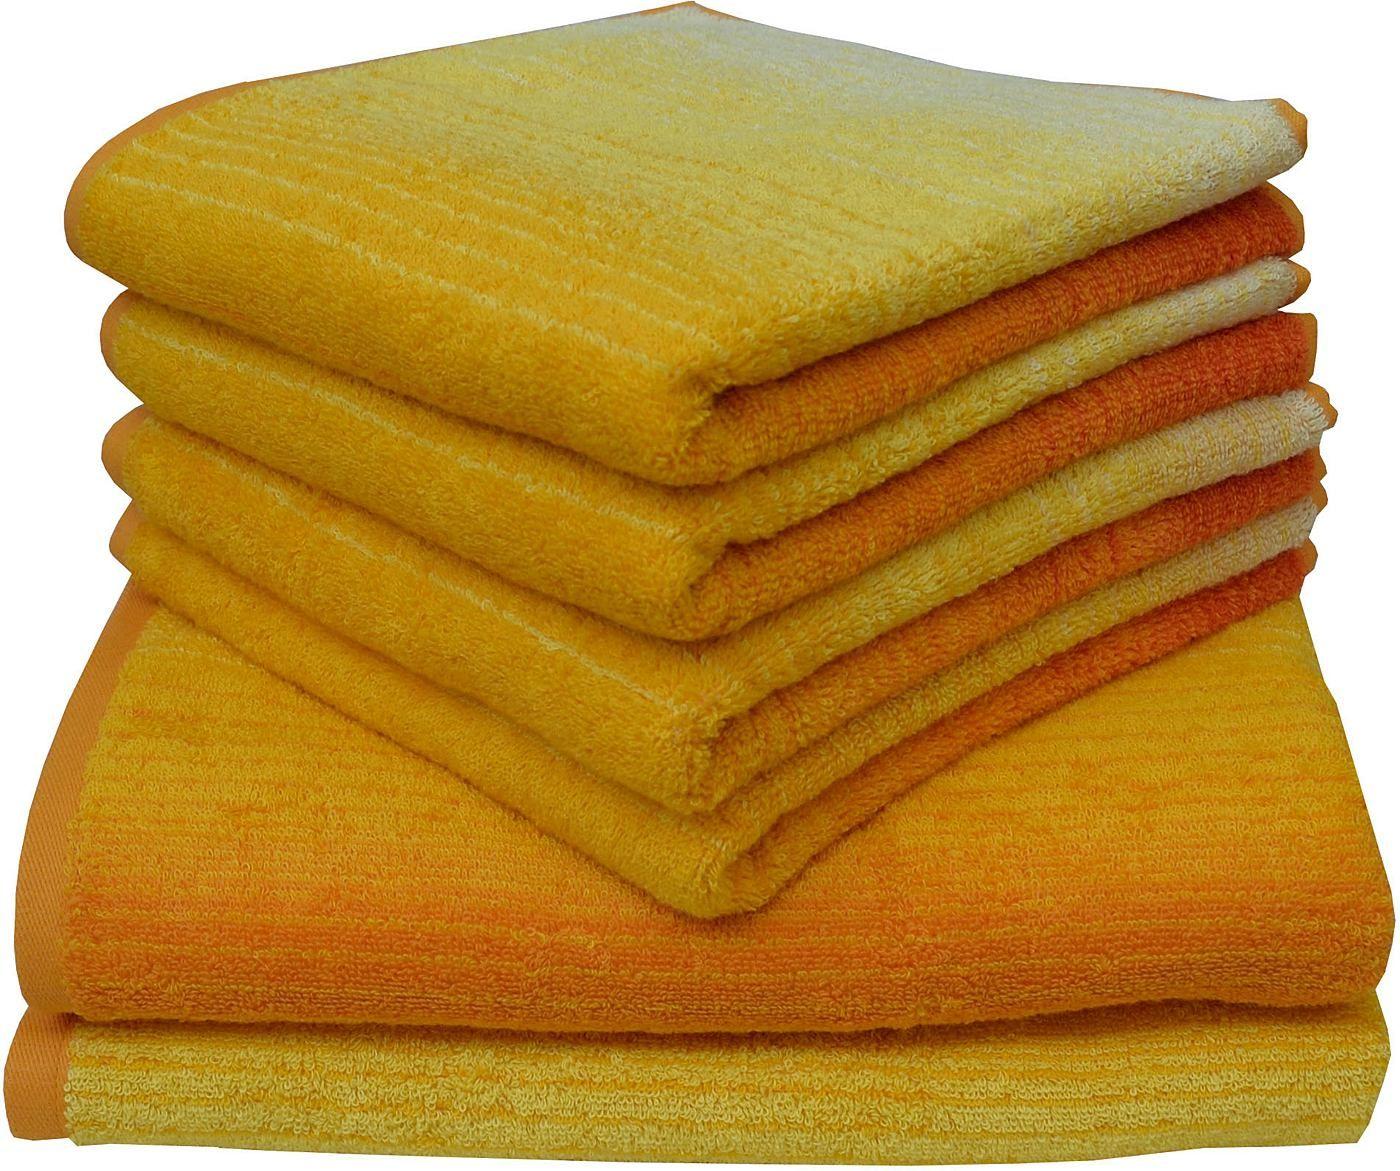 »Colori« ist das neue Handtuch Set der Marke Dyckhoff mit harmonischen Farbverläufen und brillianten Farben. Leichte Streifen lassen das Design noch mehr hervortreten und sind optisch noch ein besonderes Highlight. Die feine Qualität aus Walkfrottier Material ist aus 100% BIO-Baumwolle hergestell. Diese Baumwolle stammt aus kontrolliert ökologischem Anbau und ist besonders hautfreundlich. Das M...